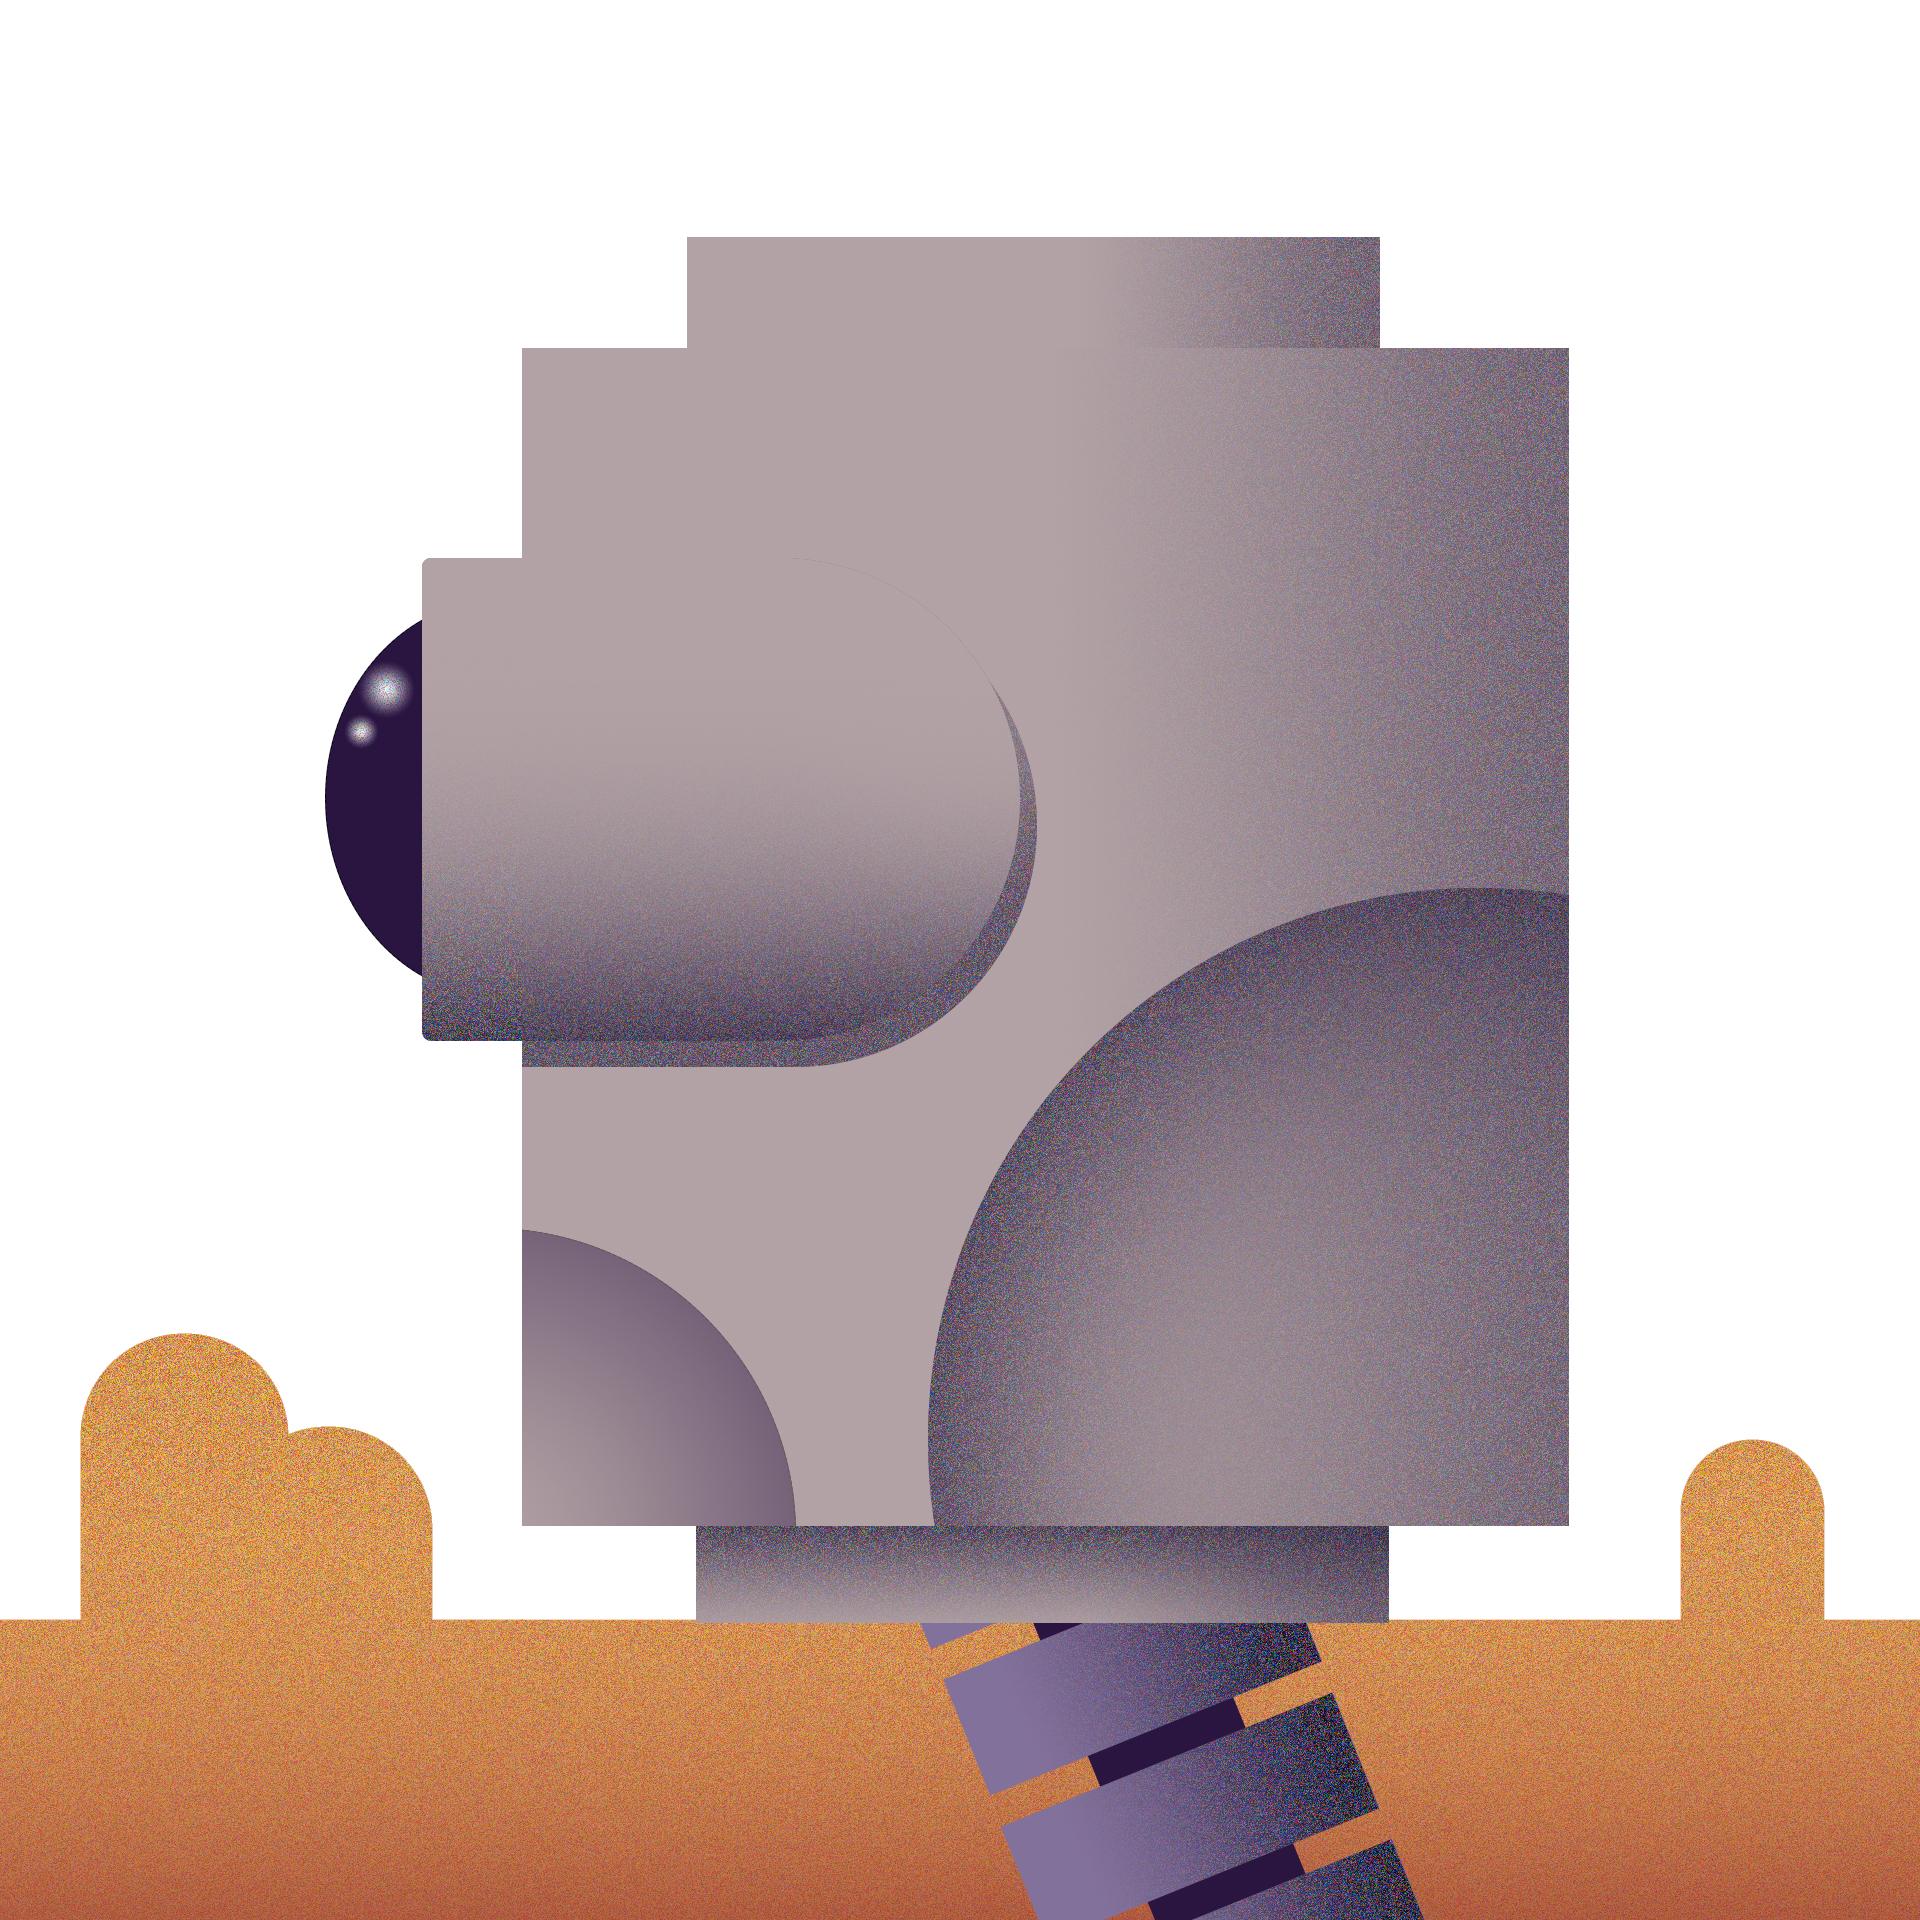 Robot in desert